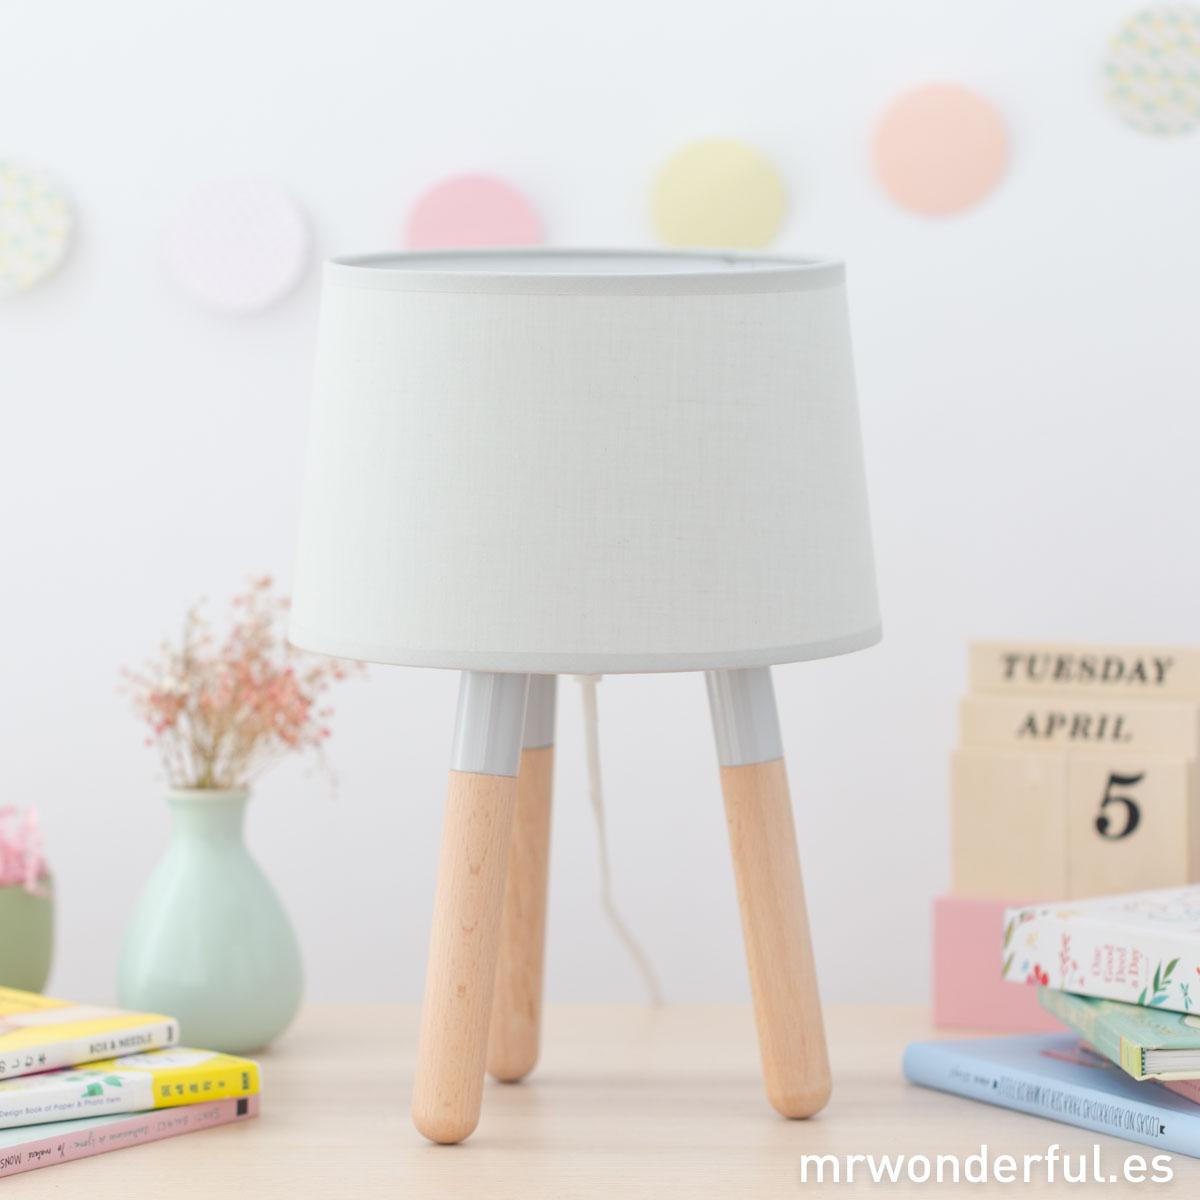 mrwonderful_PRA02884_Lampara-de-mesa-de-madera-color-gris-1